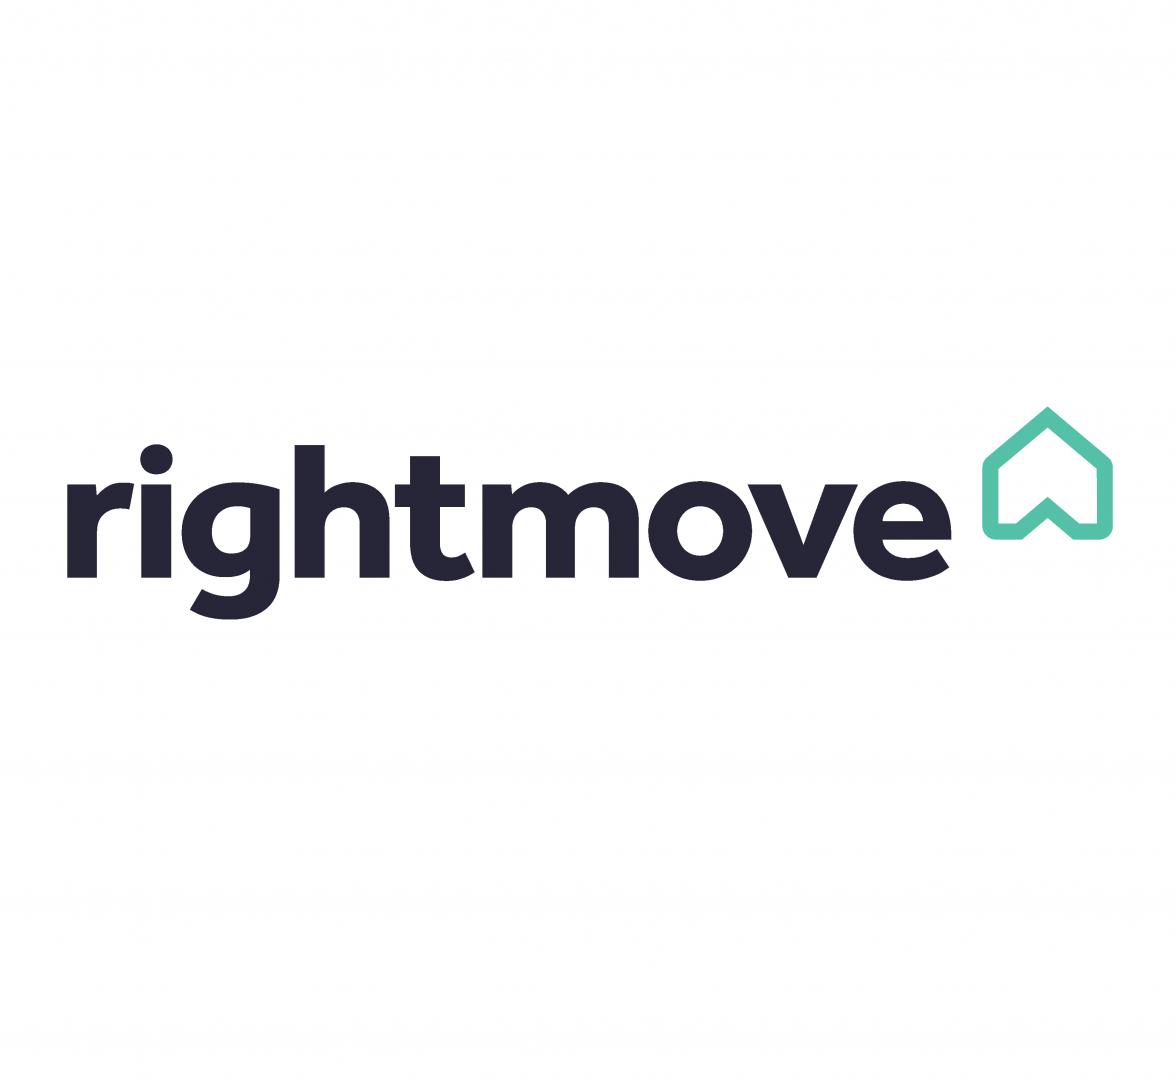 Rightmove  square